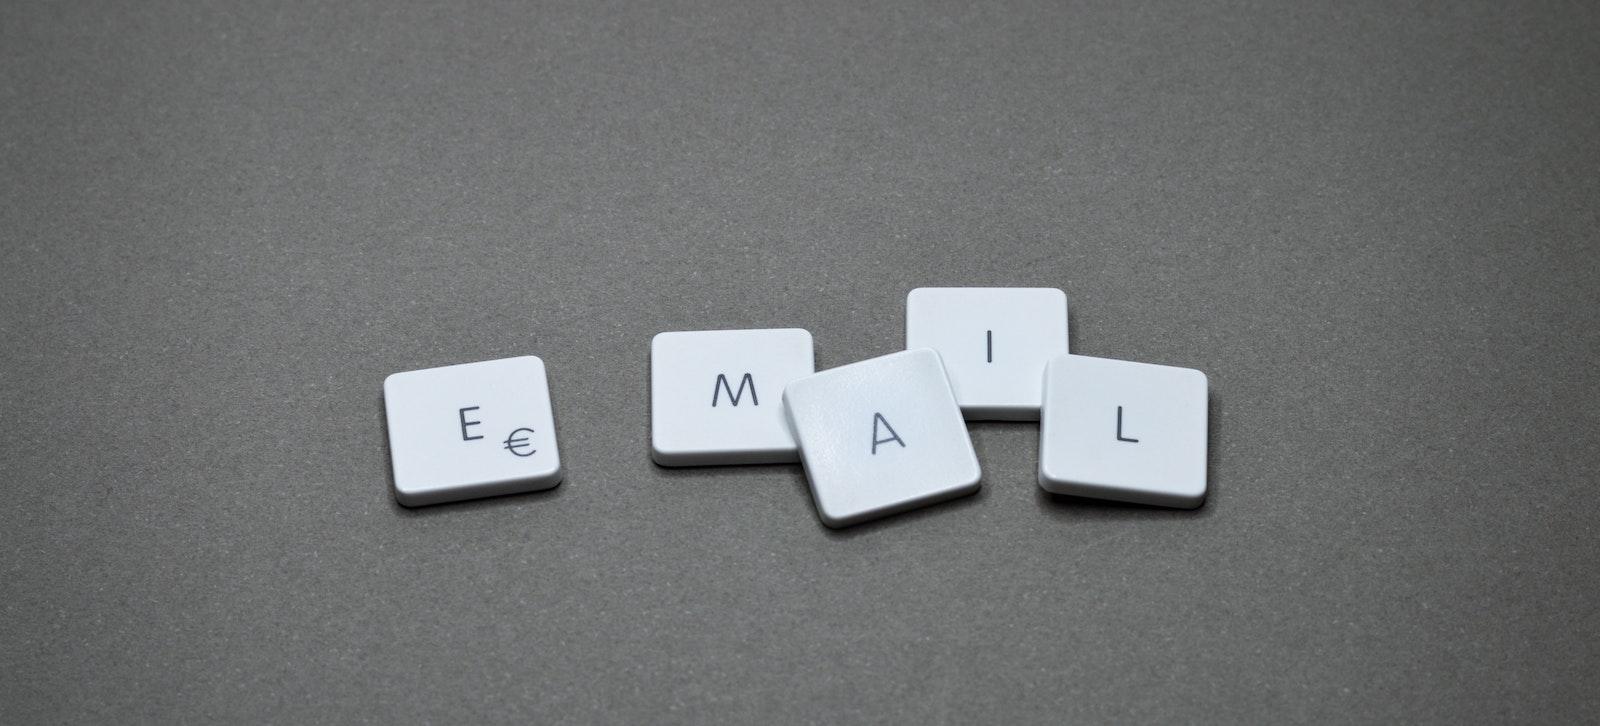 How to Analyze Email Marketing Data